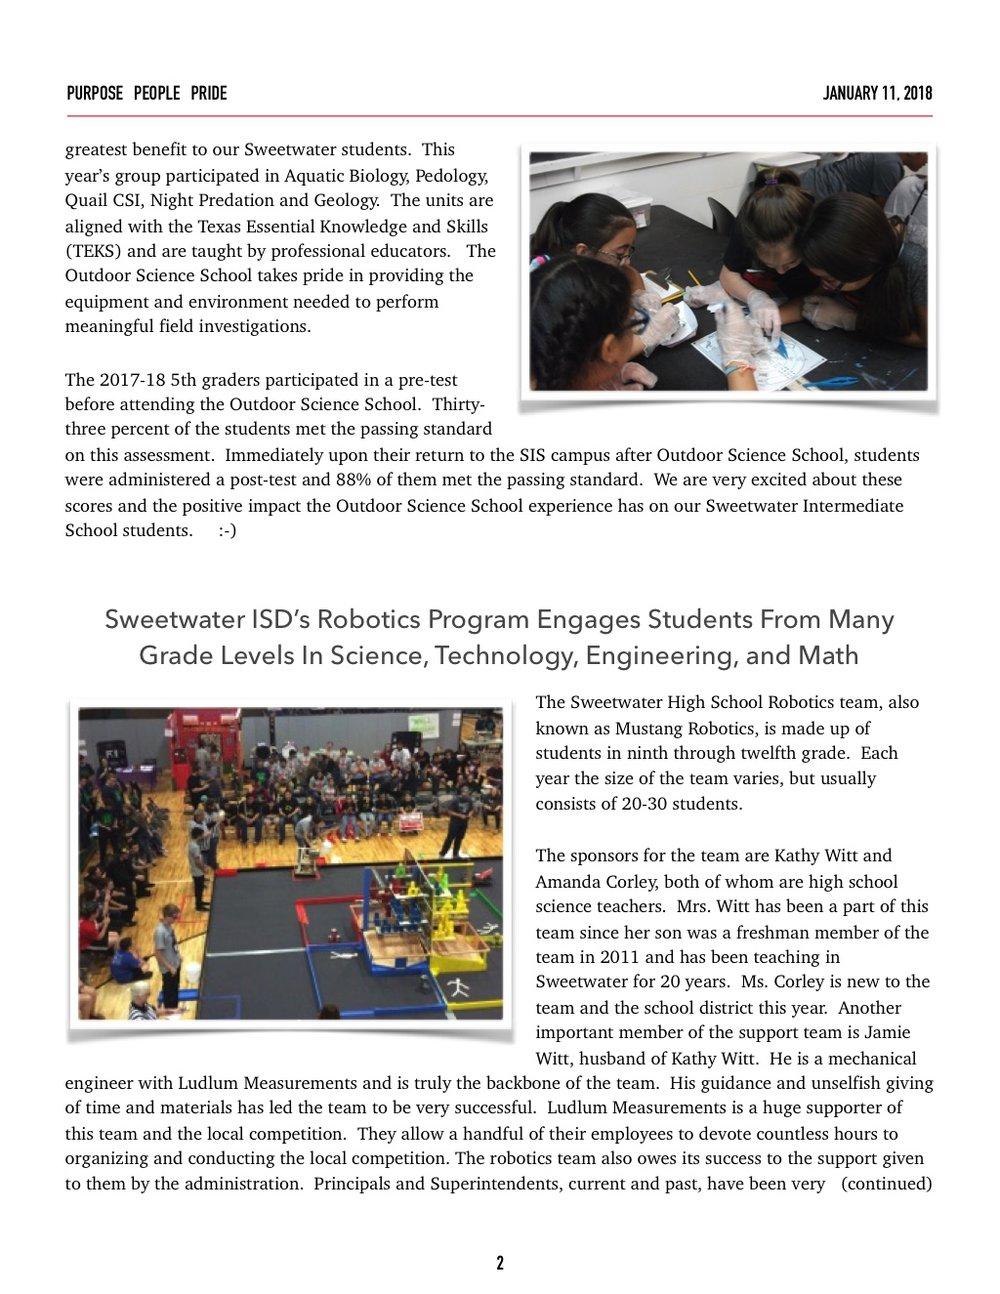 SISD Newsletter January 2018 copy-2.jpg